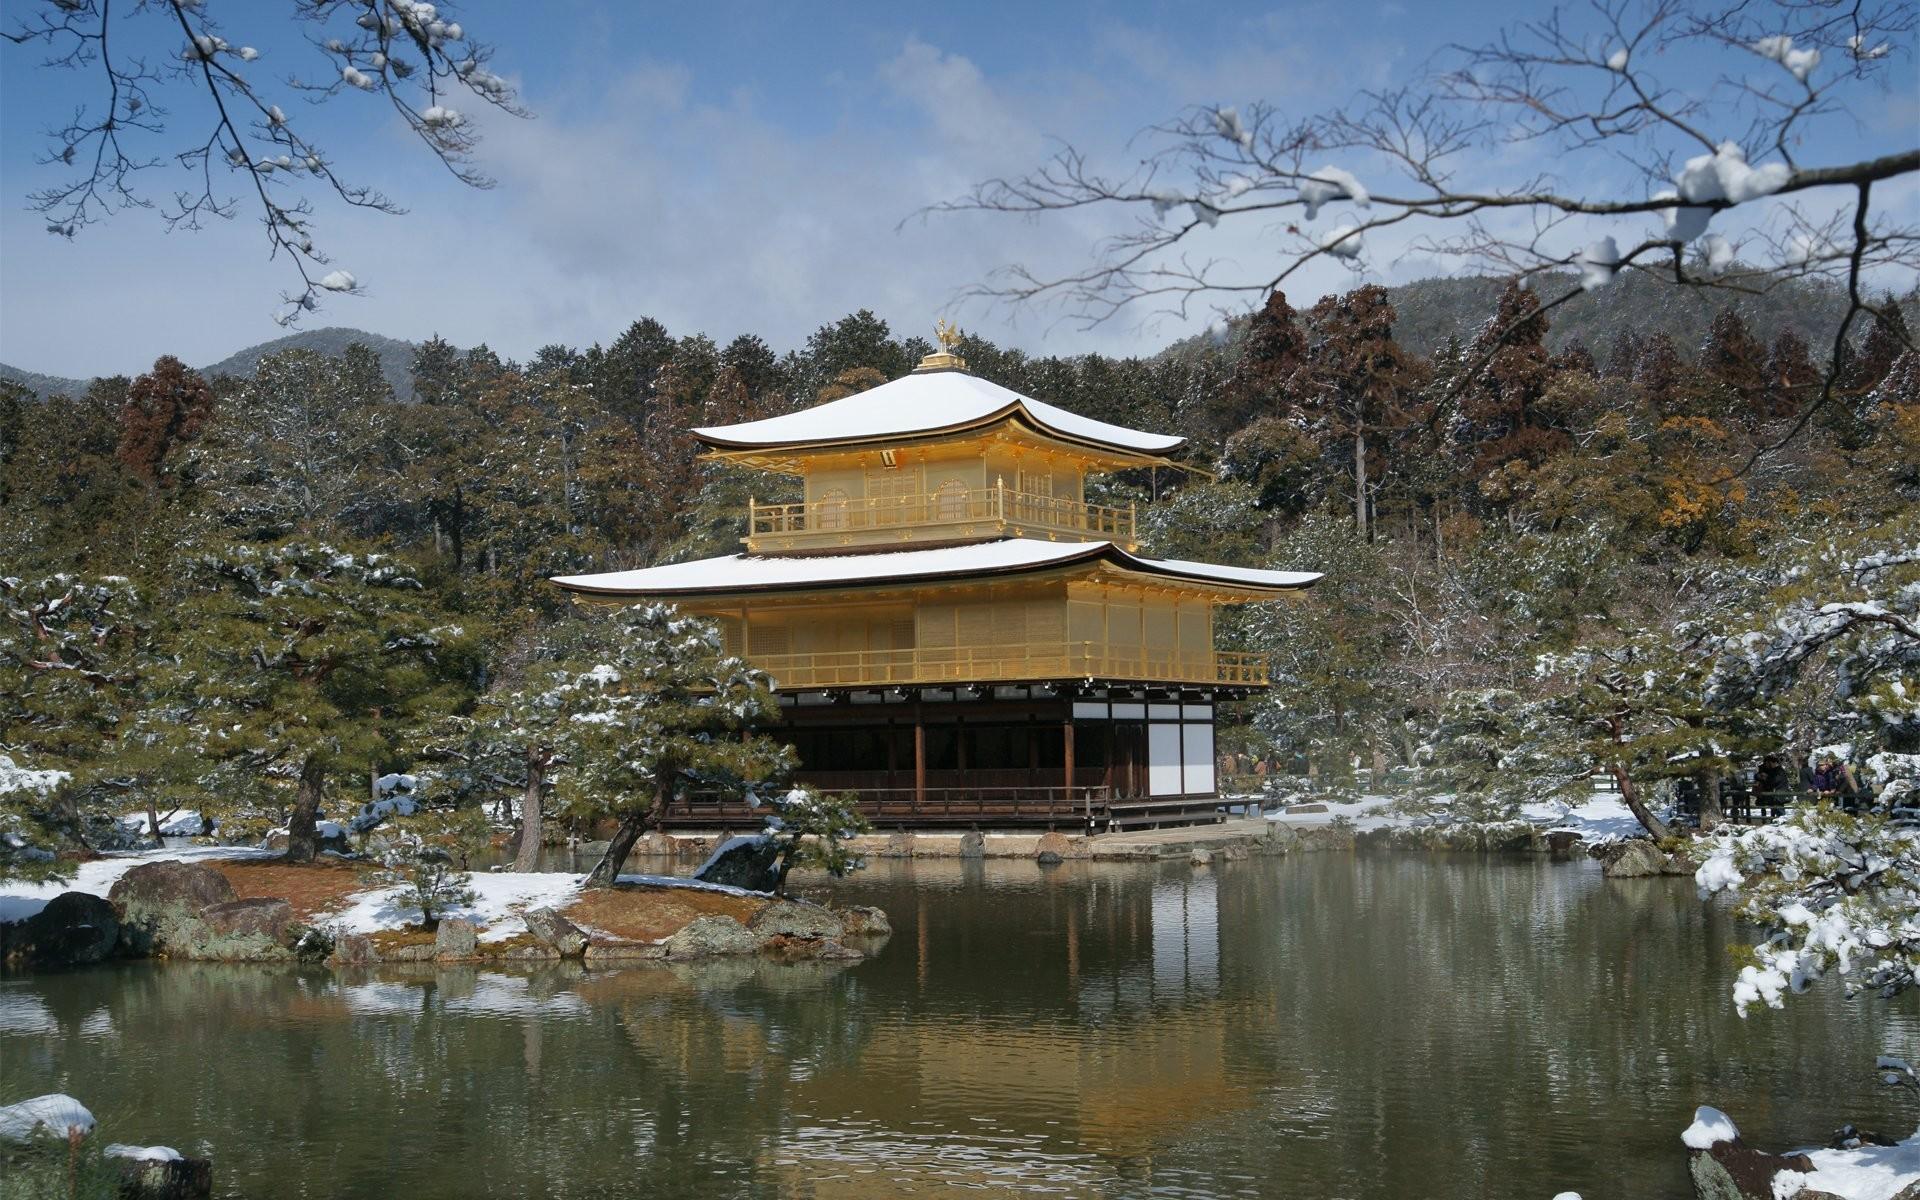 japan winter spring lake snow house tree